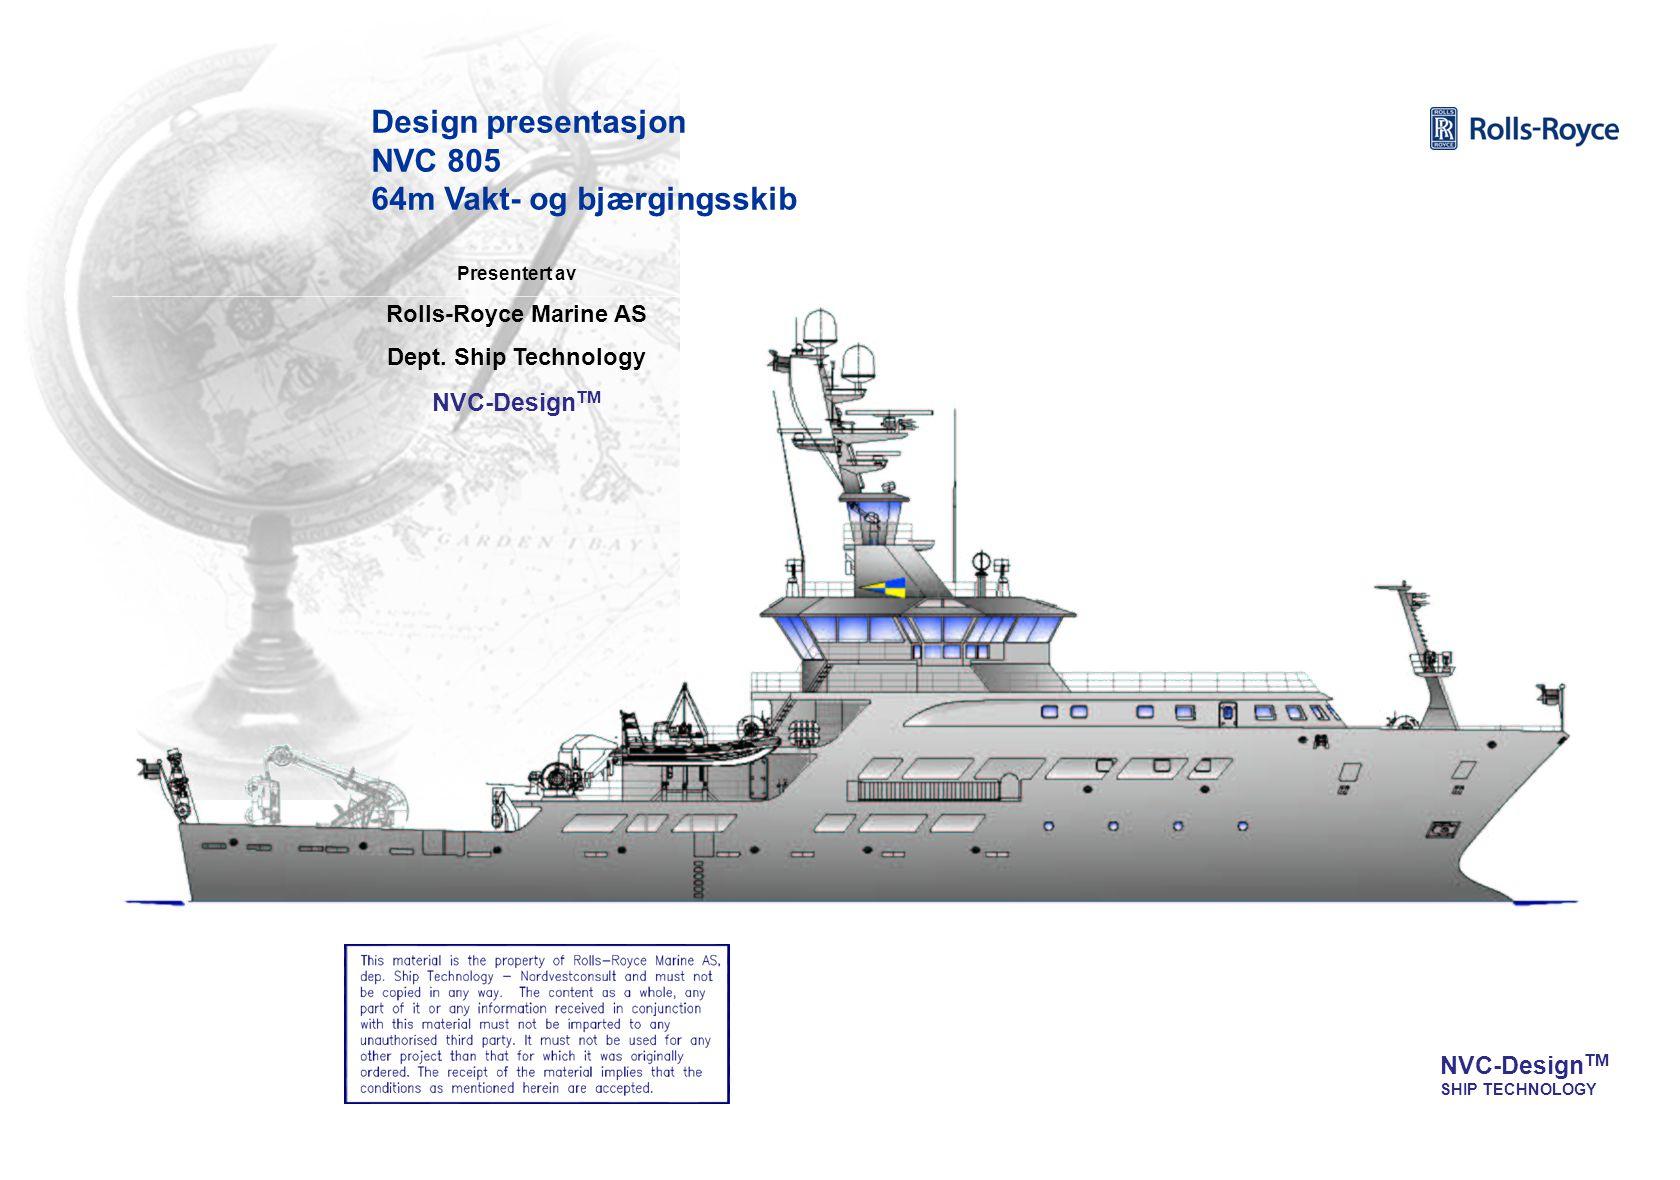 NVC-Design TM SHIP TECHNOLOGY Presentert av Rolls-Royce Marine AS Dept. Ship Technology NVC-Design TM Design presentasjon NVC 805 64m Vakt- og bjærgin